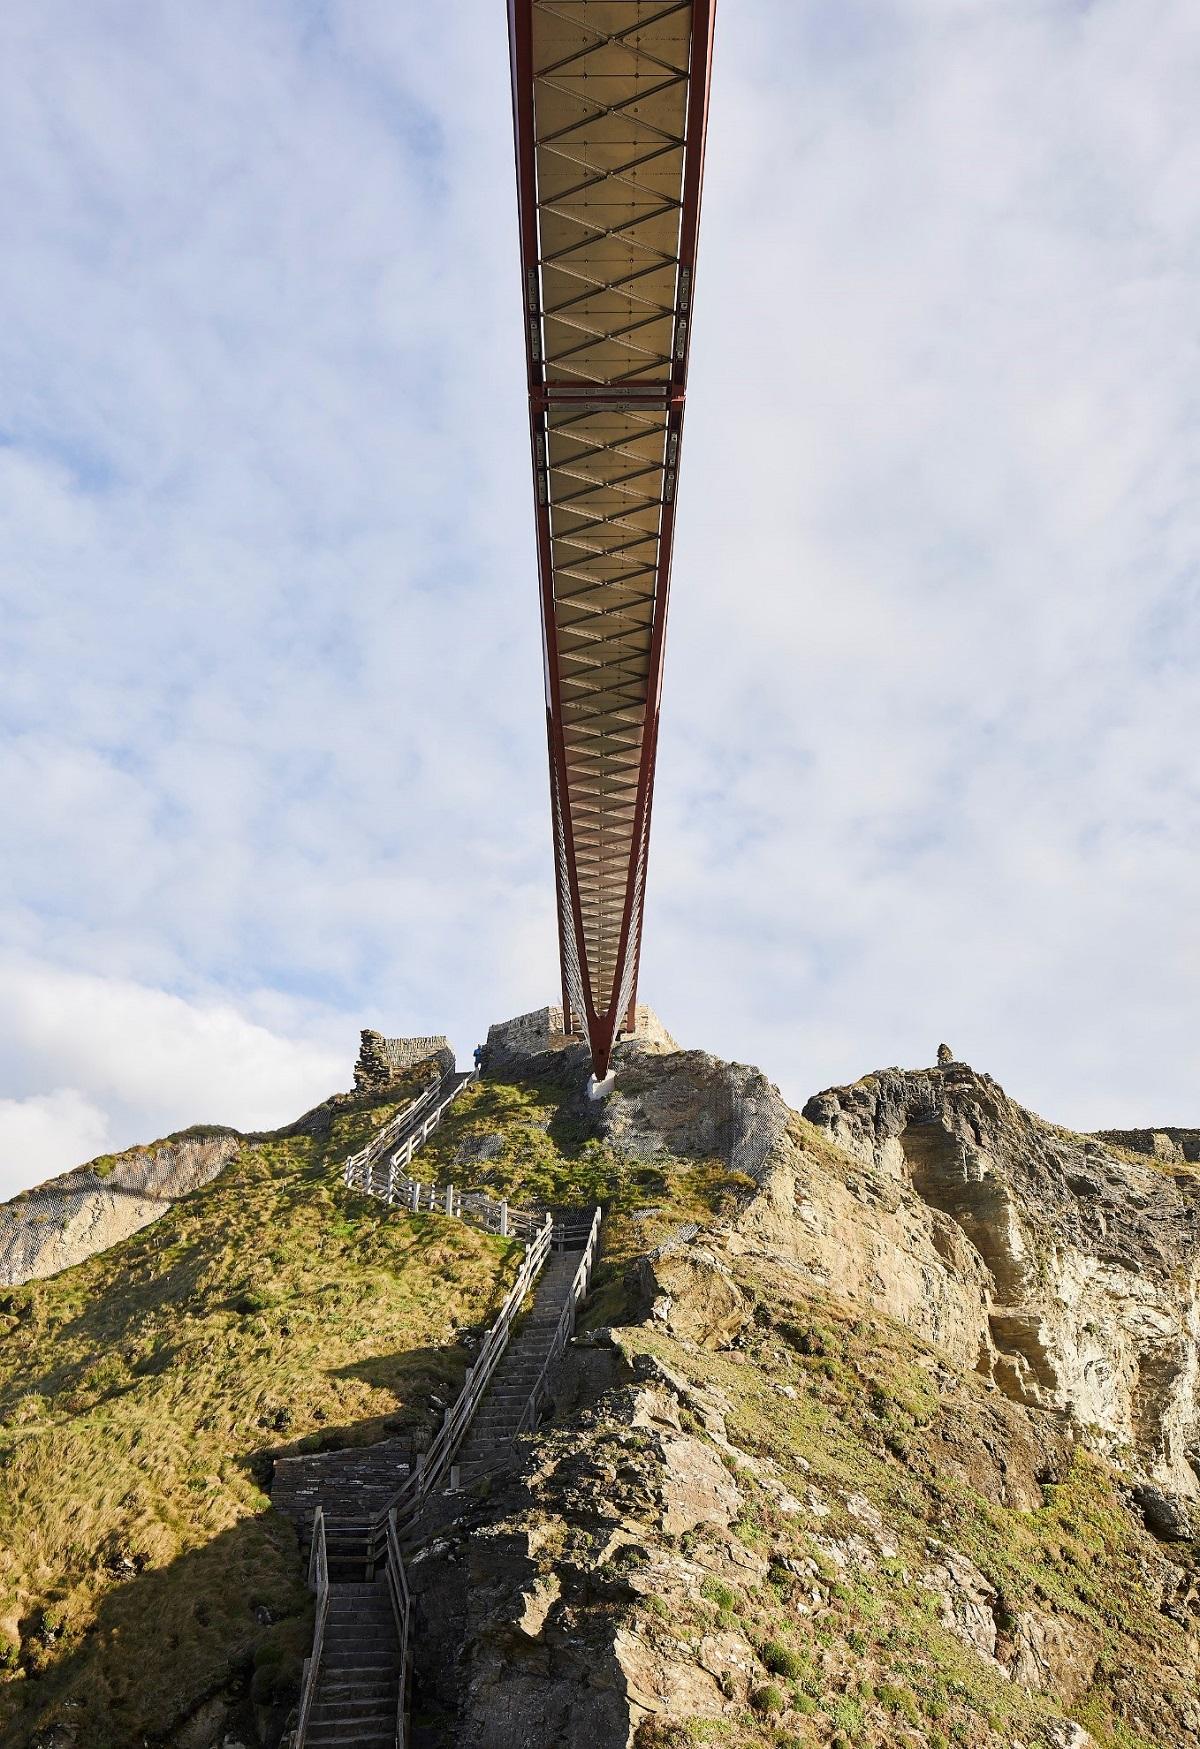 Cây cầu Tintagel - Kết nối truyền thuyết và hiện thực